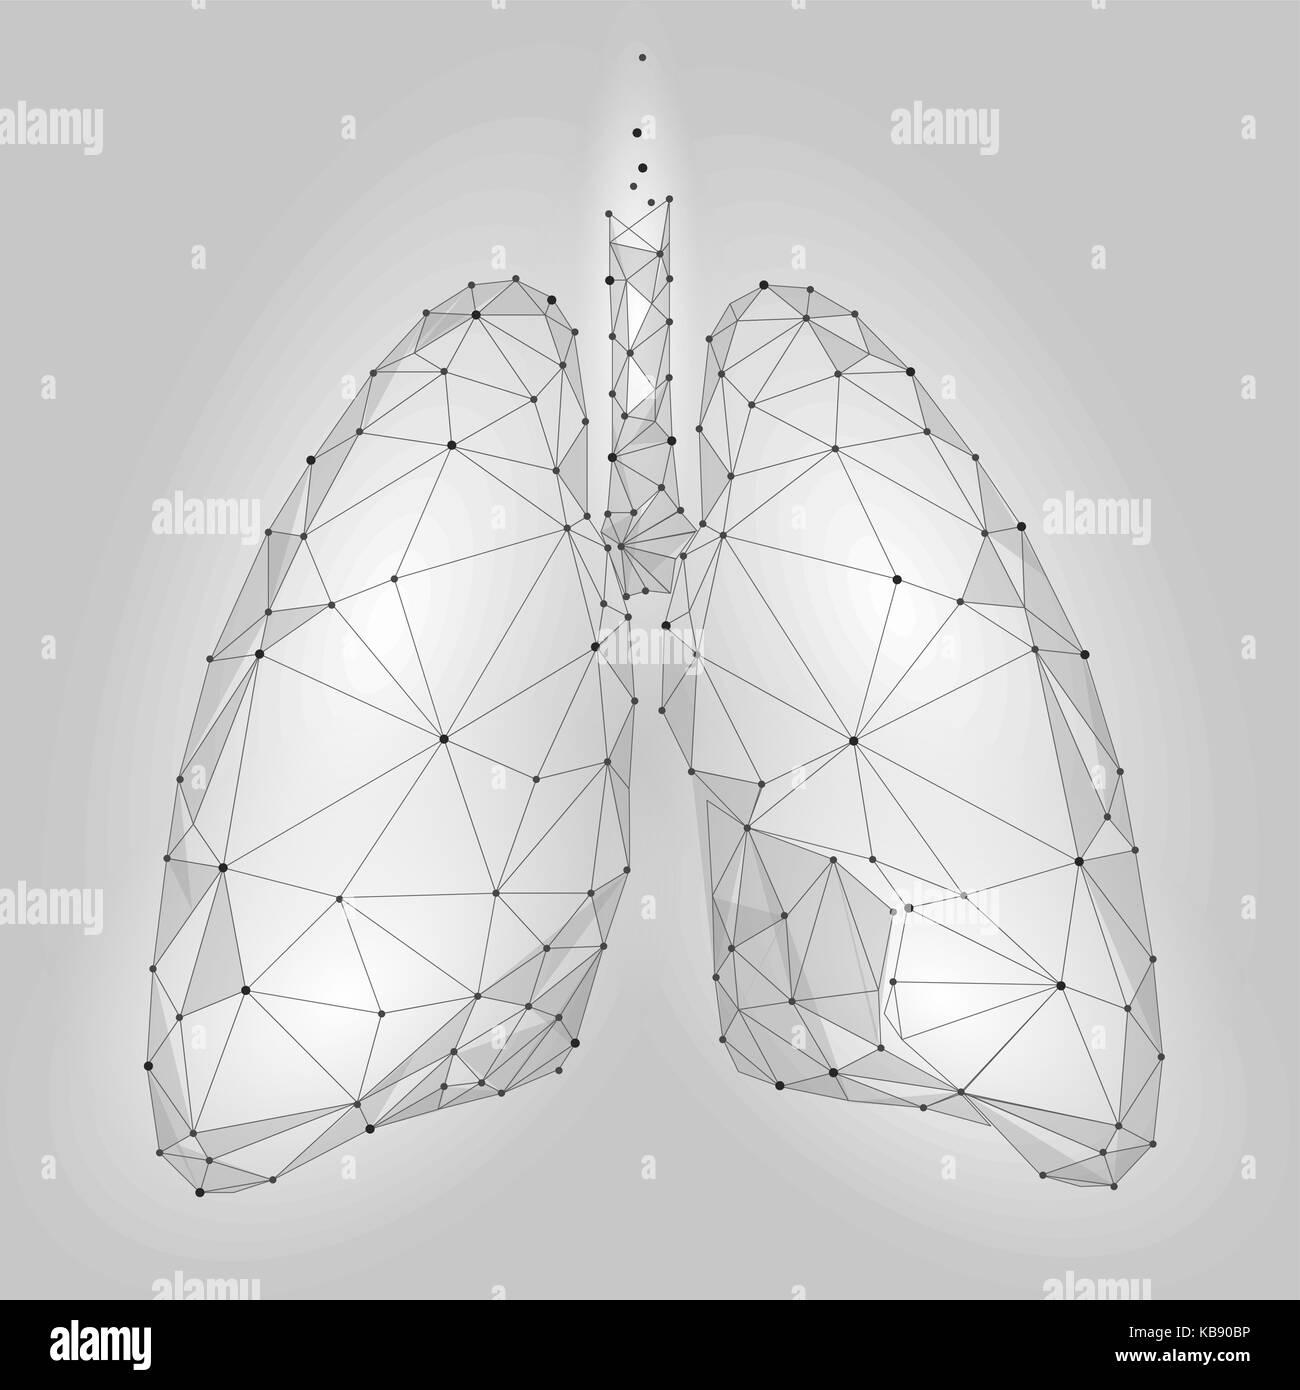 les droits de l'organe interne poumons. low poly technologie